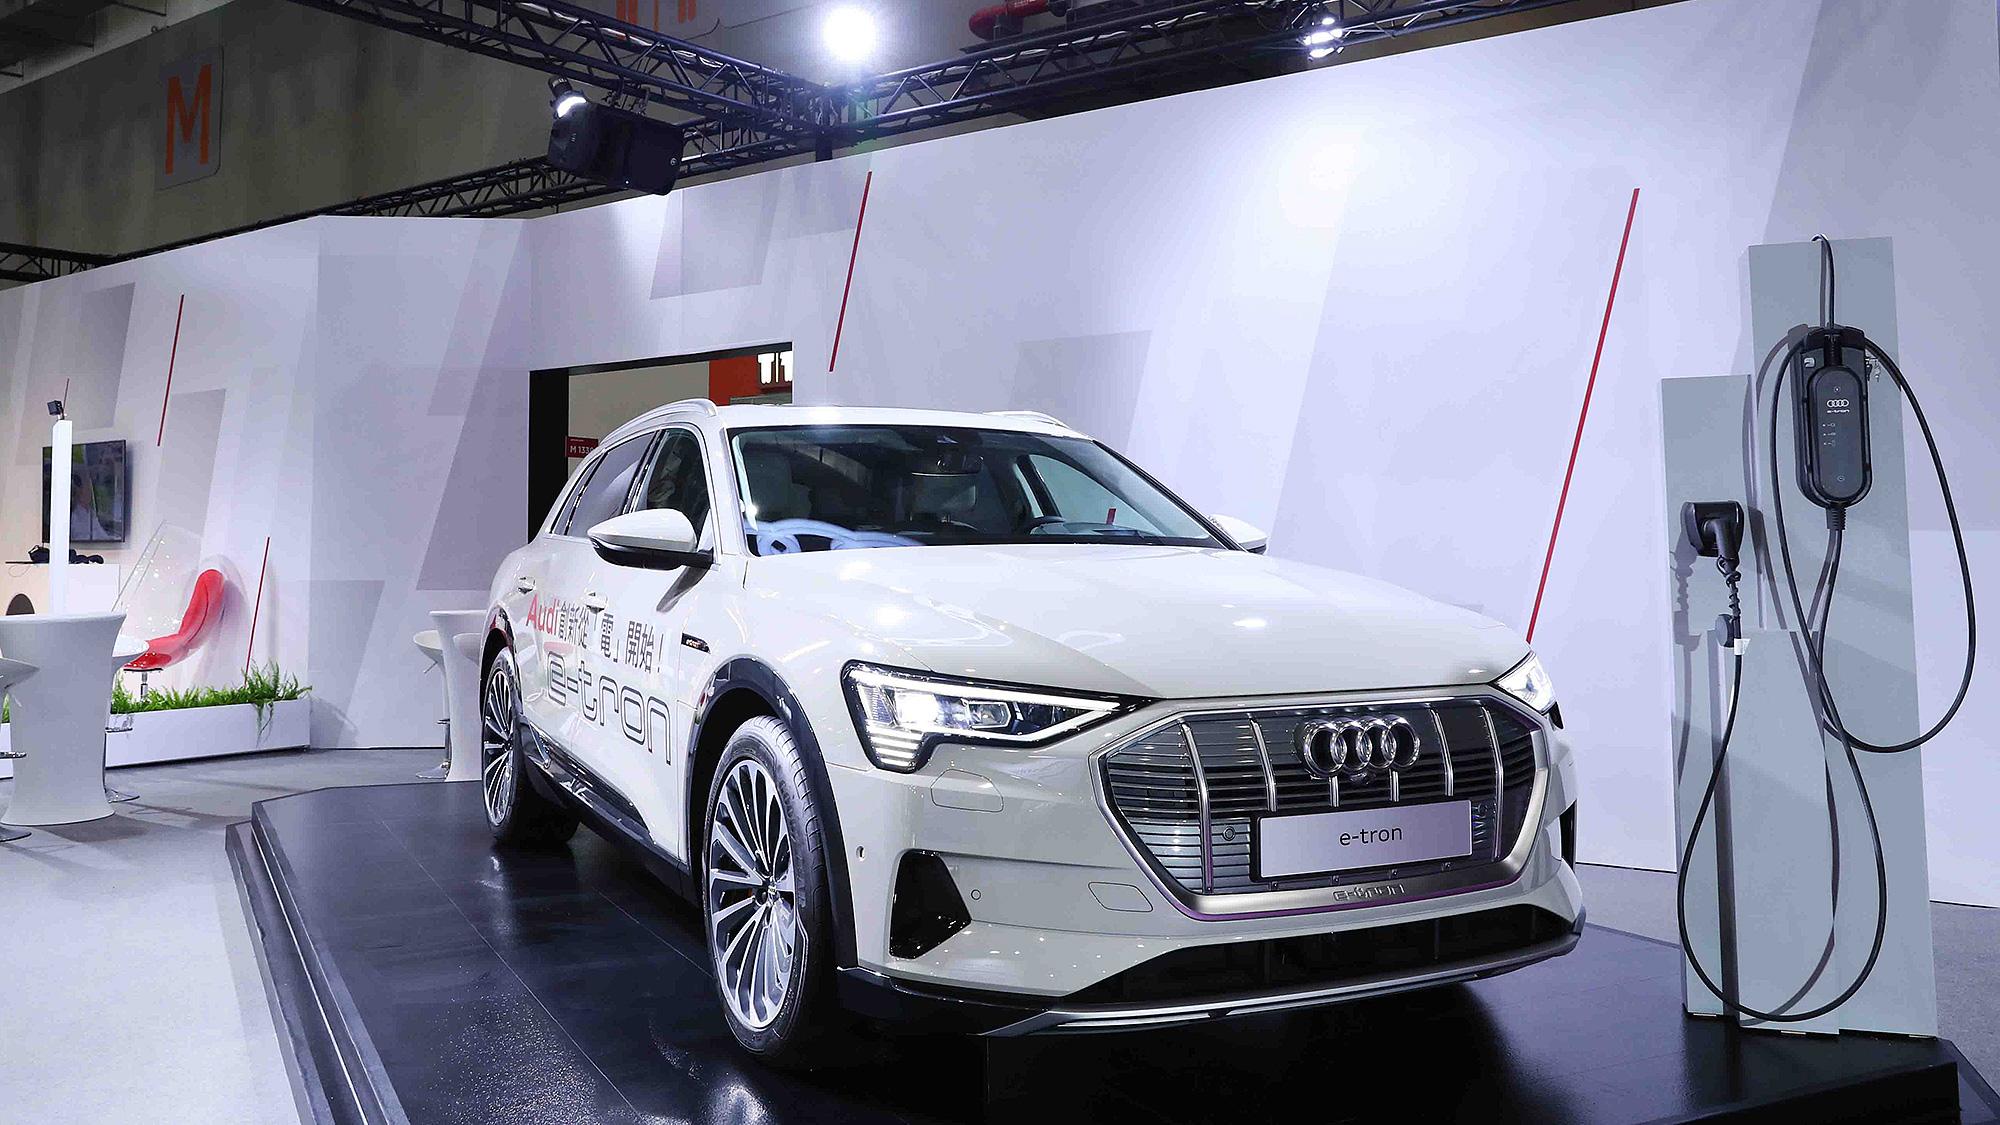 Audi 成 SEMI國際半導體產業協會首家汽車會員,跨界共推創新車用電子技術